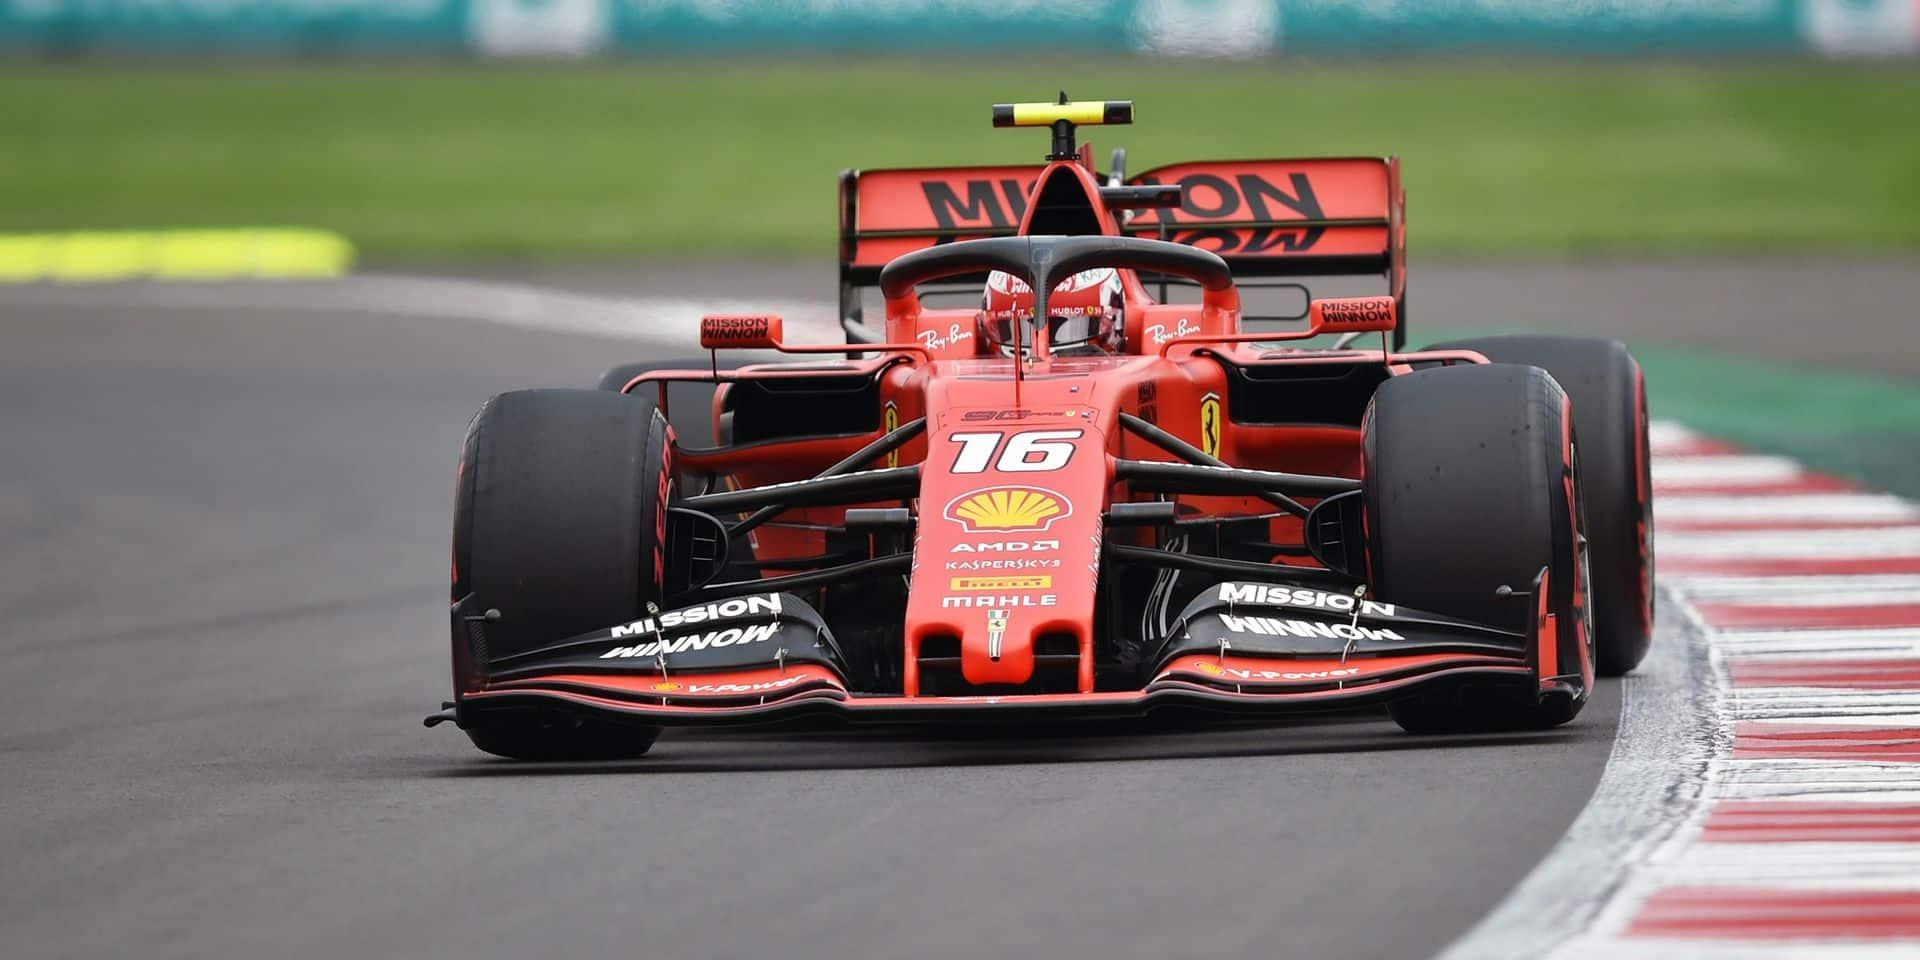 GP du Mexique: Verstappen perd sa pole position, Leclerc en hérite